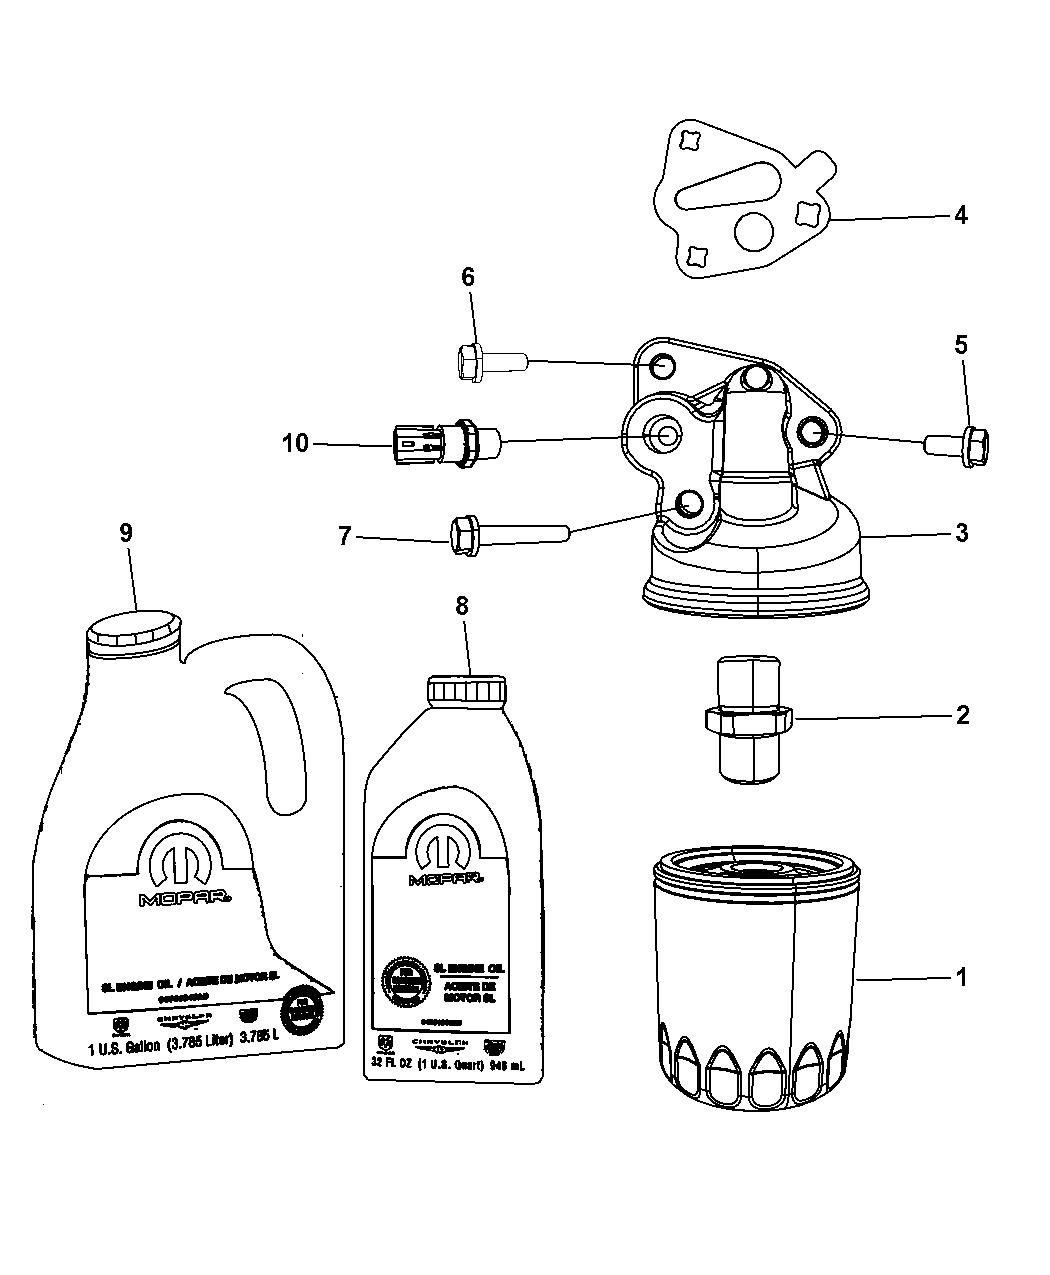 2009 Dodge Grand Caravan Engine Oil Engine Oil Filter Adapter